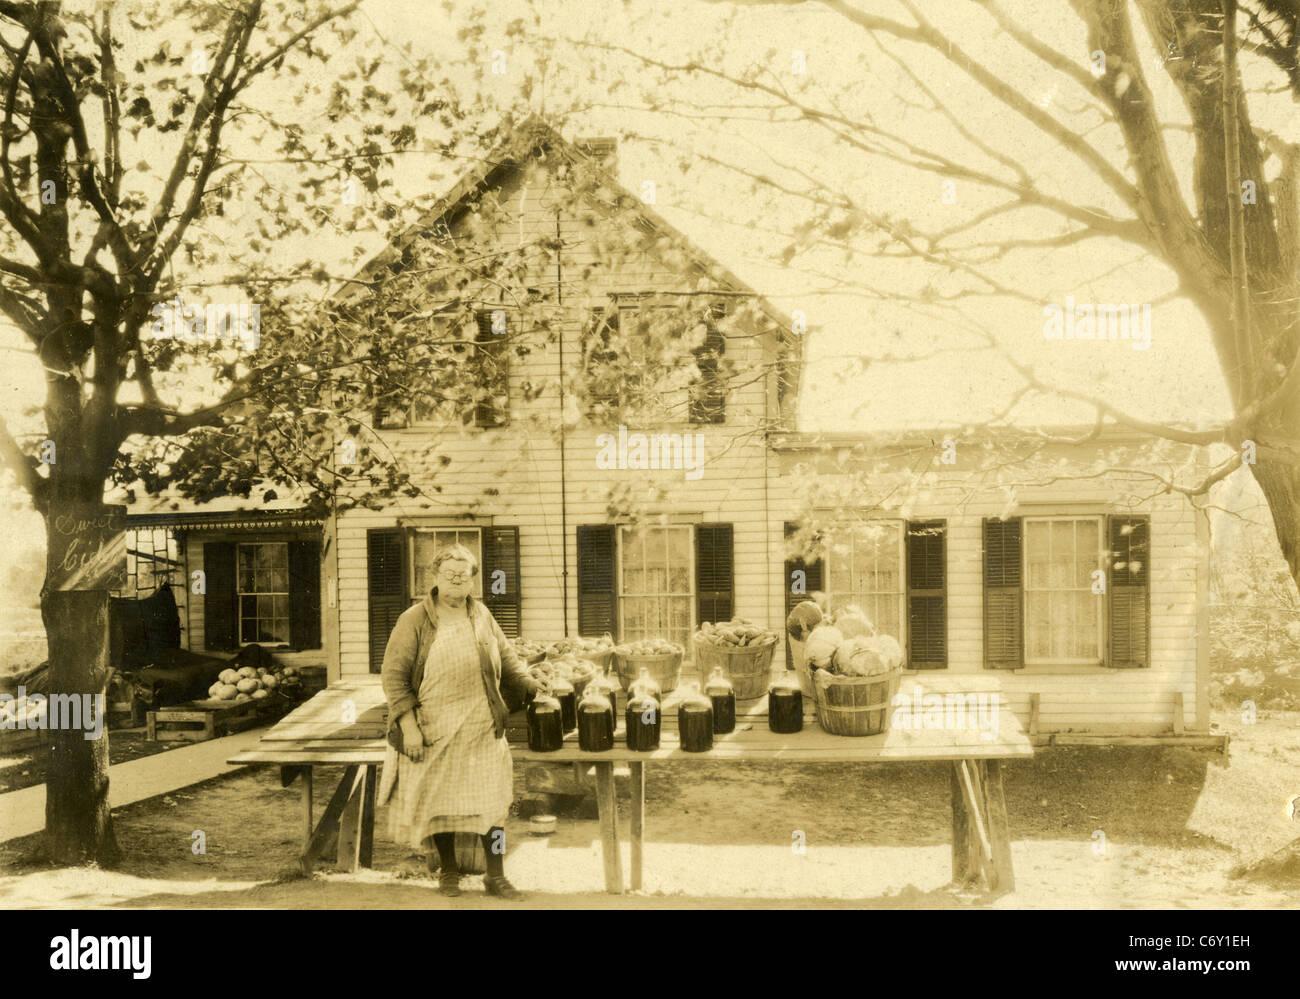 Ca. 1930er Jahre New England Farm stehen, Apfelwein, Kartoffeln und Gemüse zu verkaufen. Stockbild